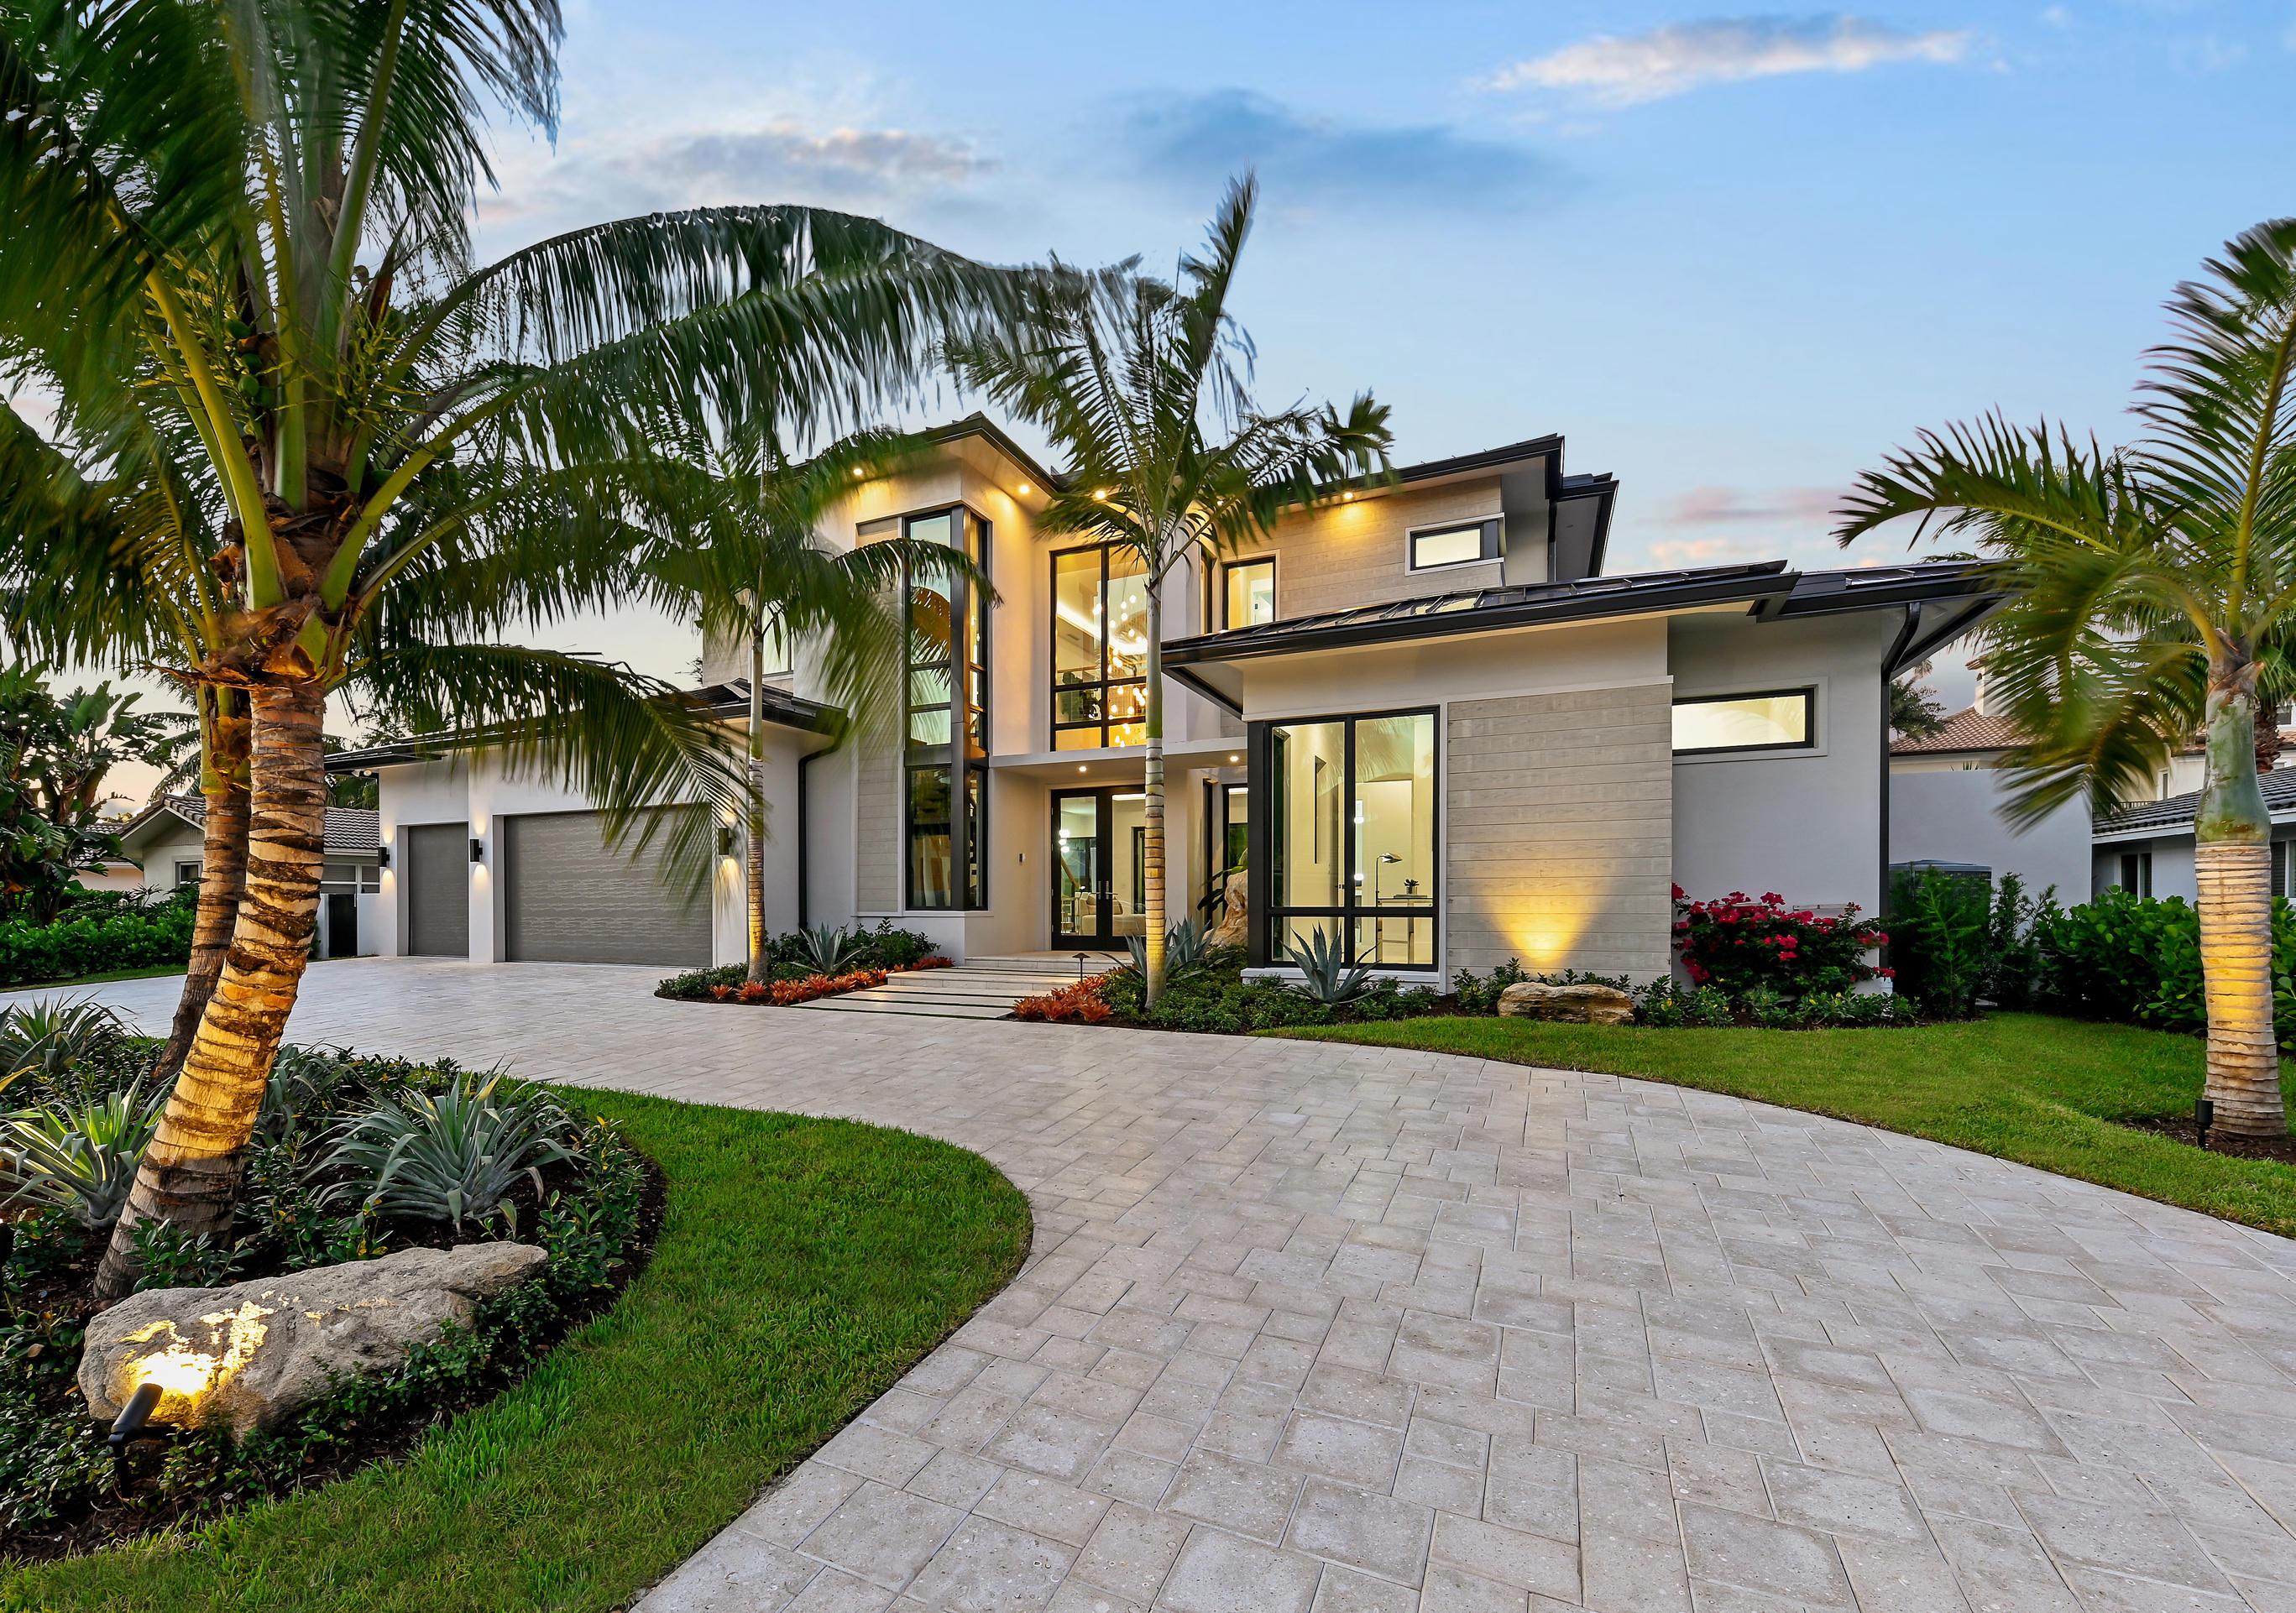 933 Allamanda Drive  Delray Beach, FL 33483